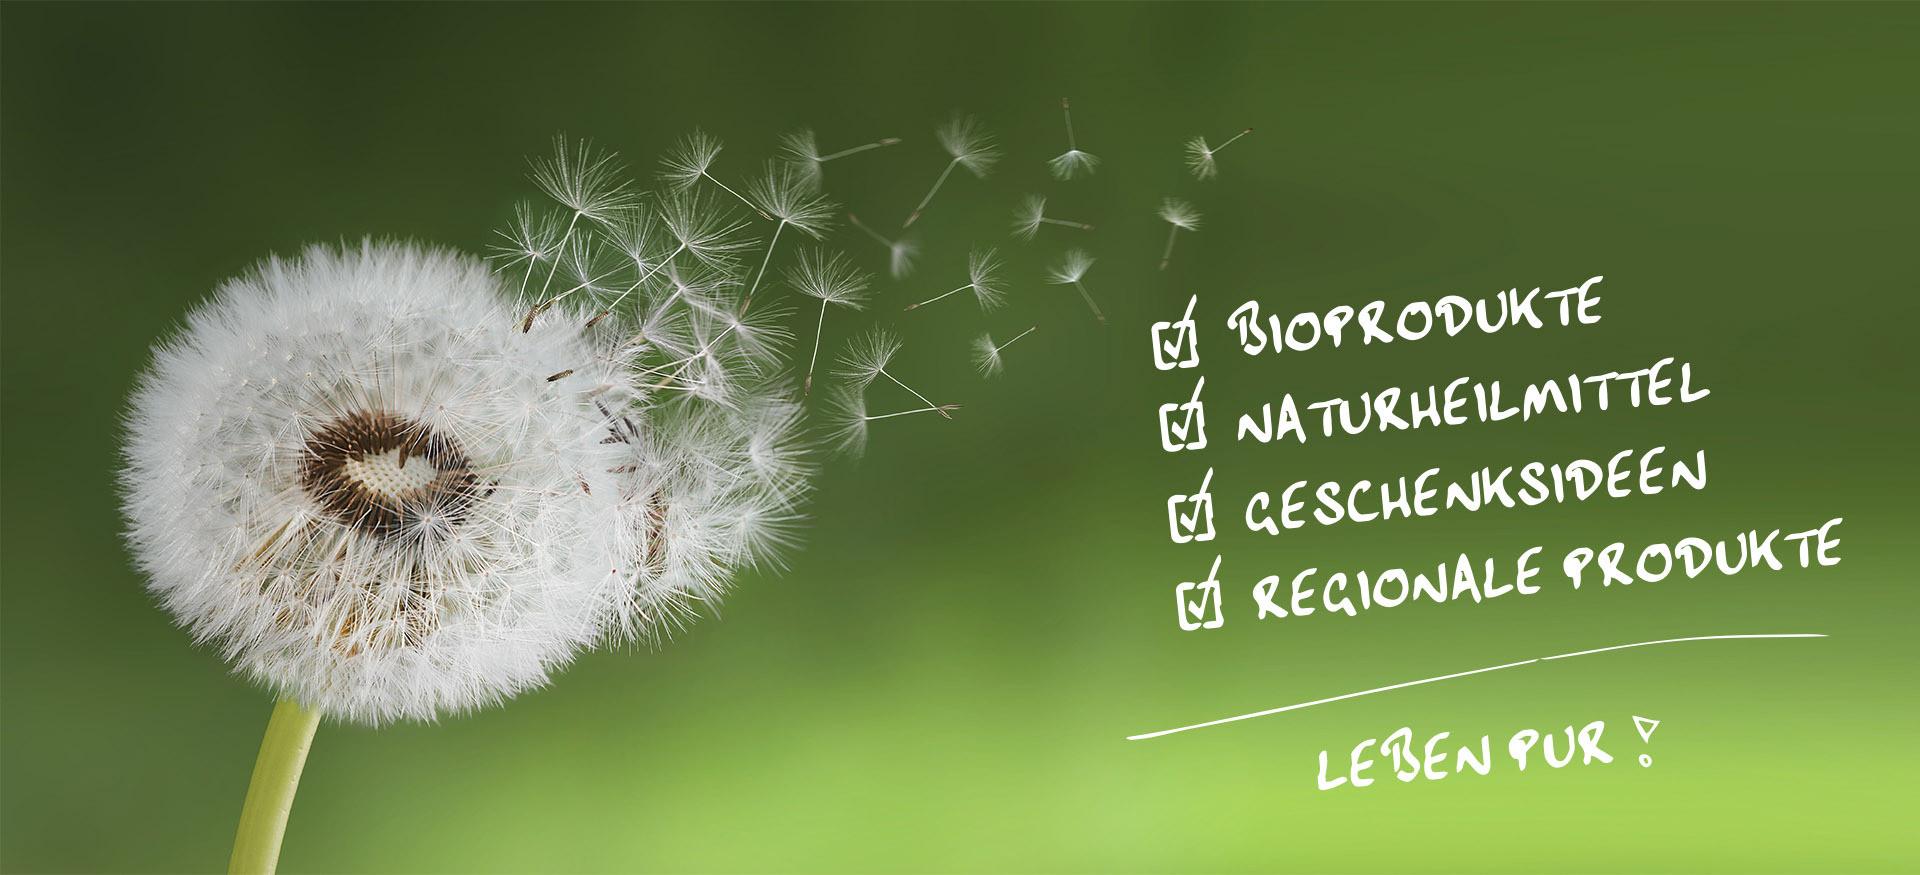 Gxund ist Leben pur! Bioprodukte, Naturheilmittel, Geschenkideen, Regionale Produkte